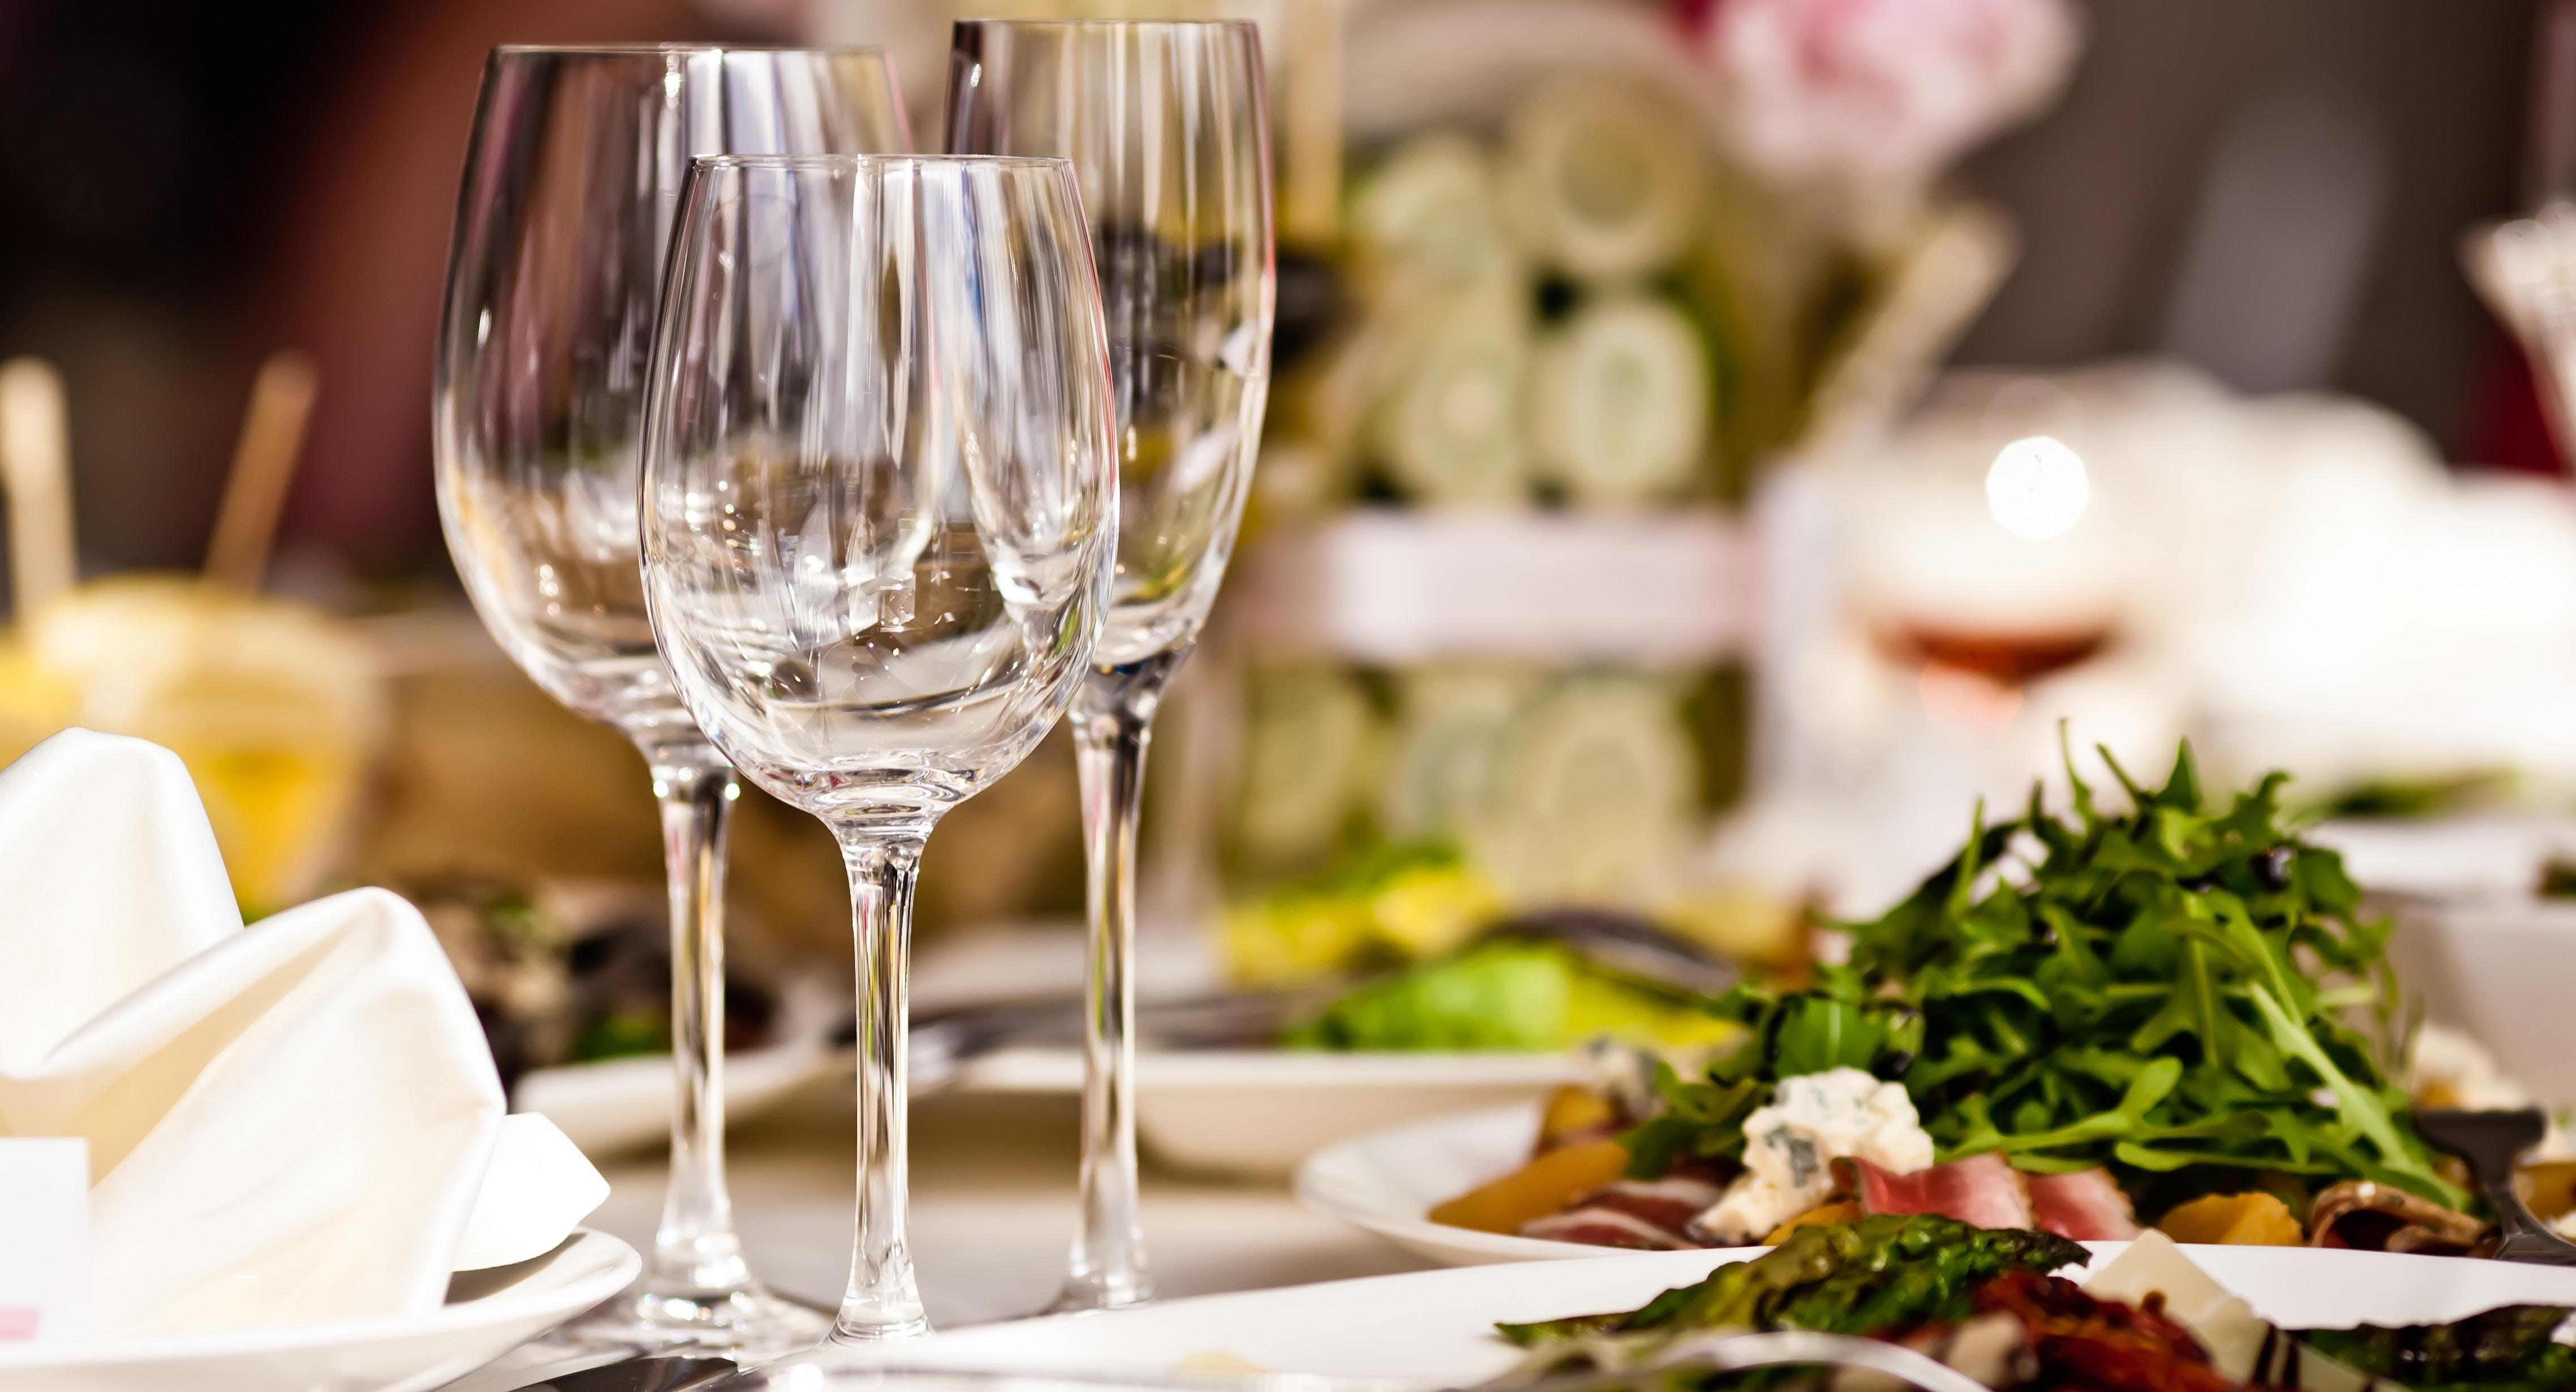 Attria Wine Bar